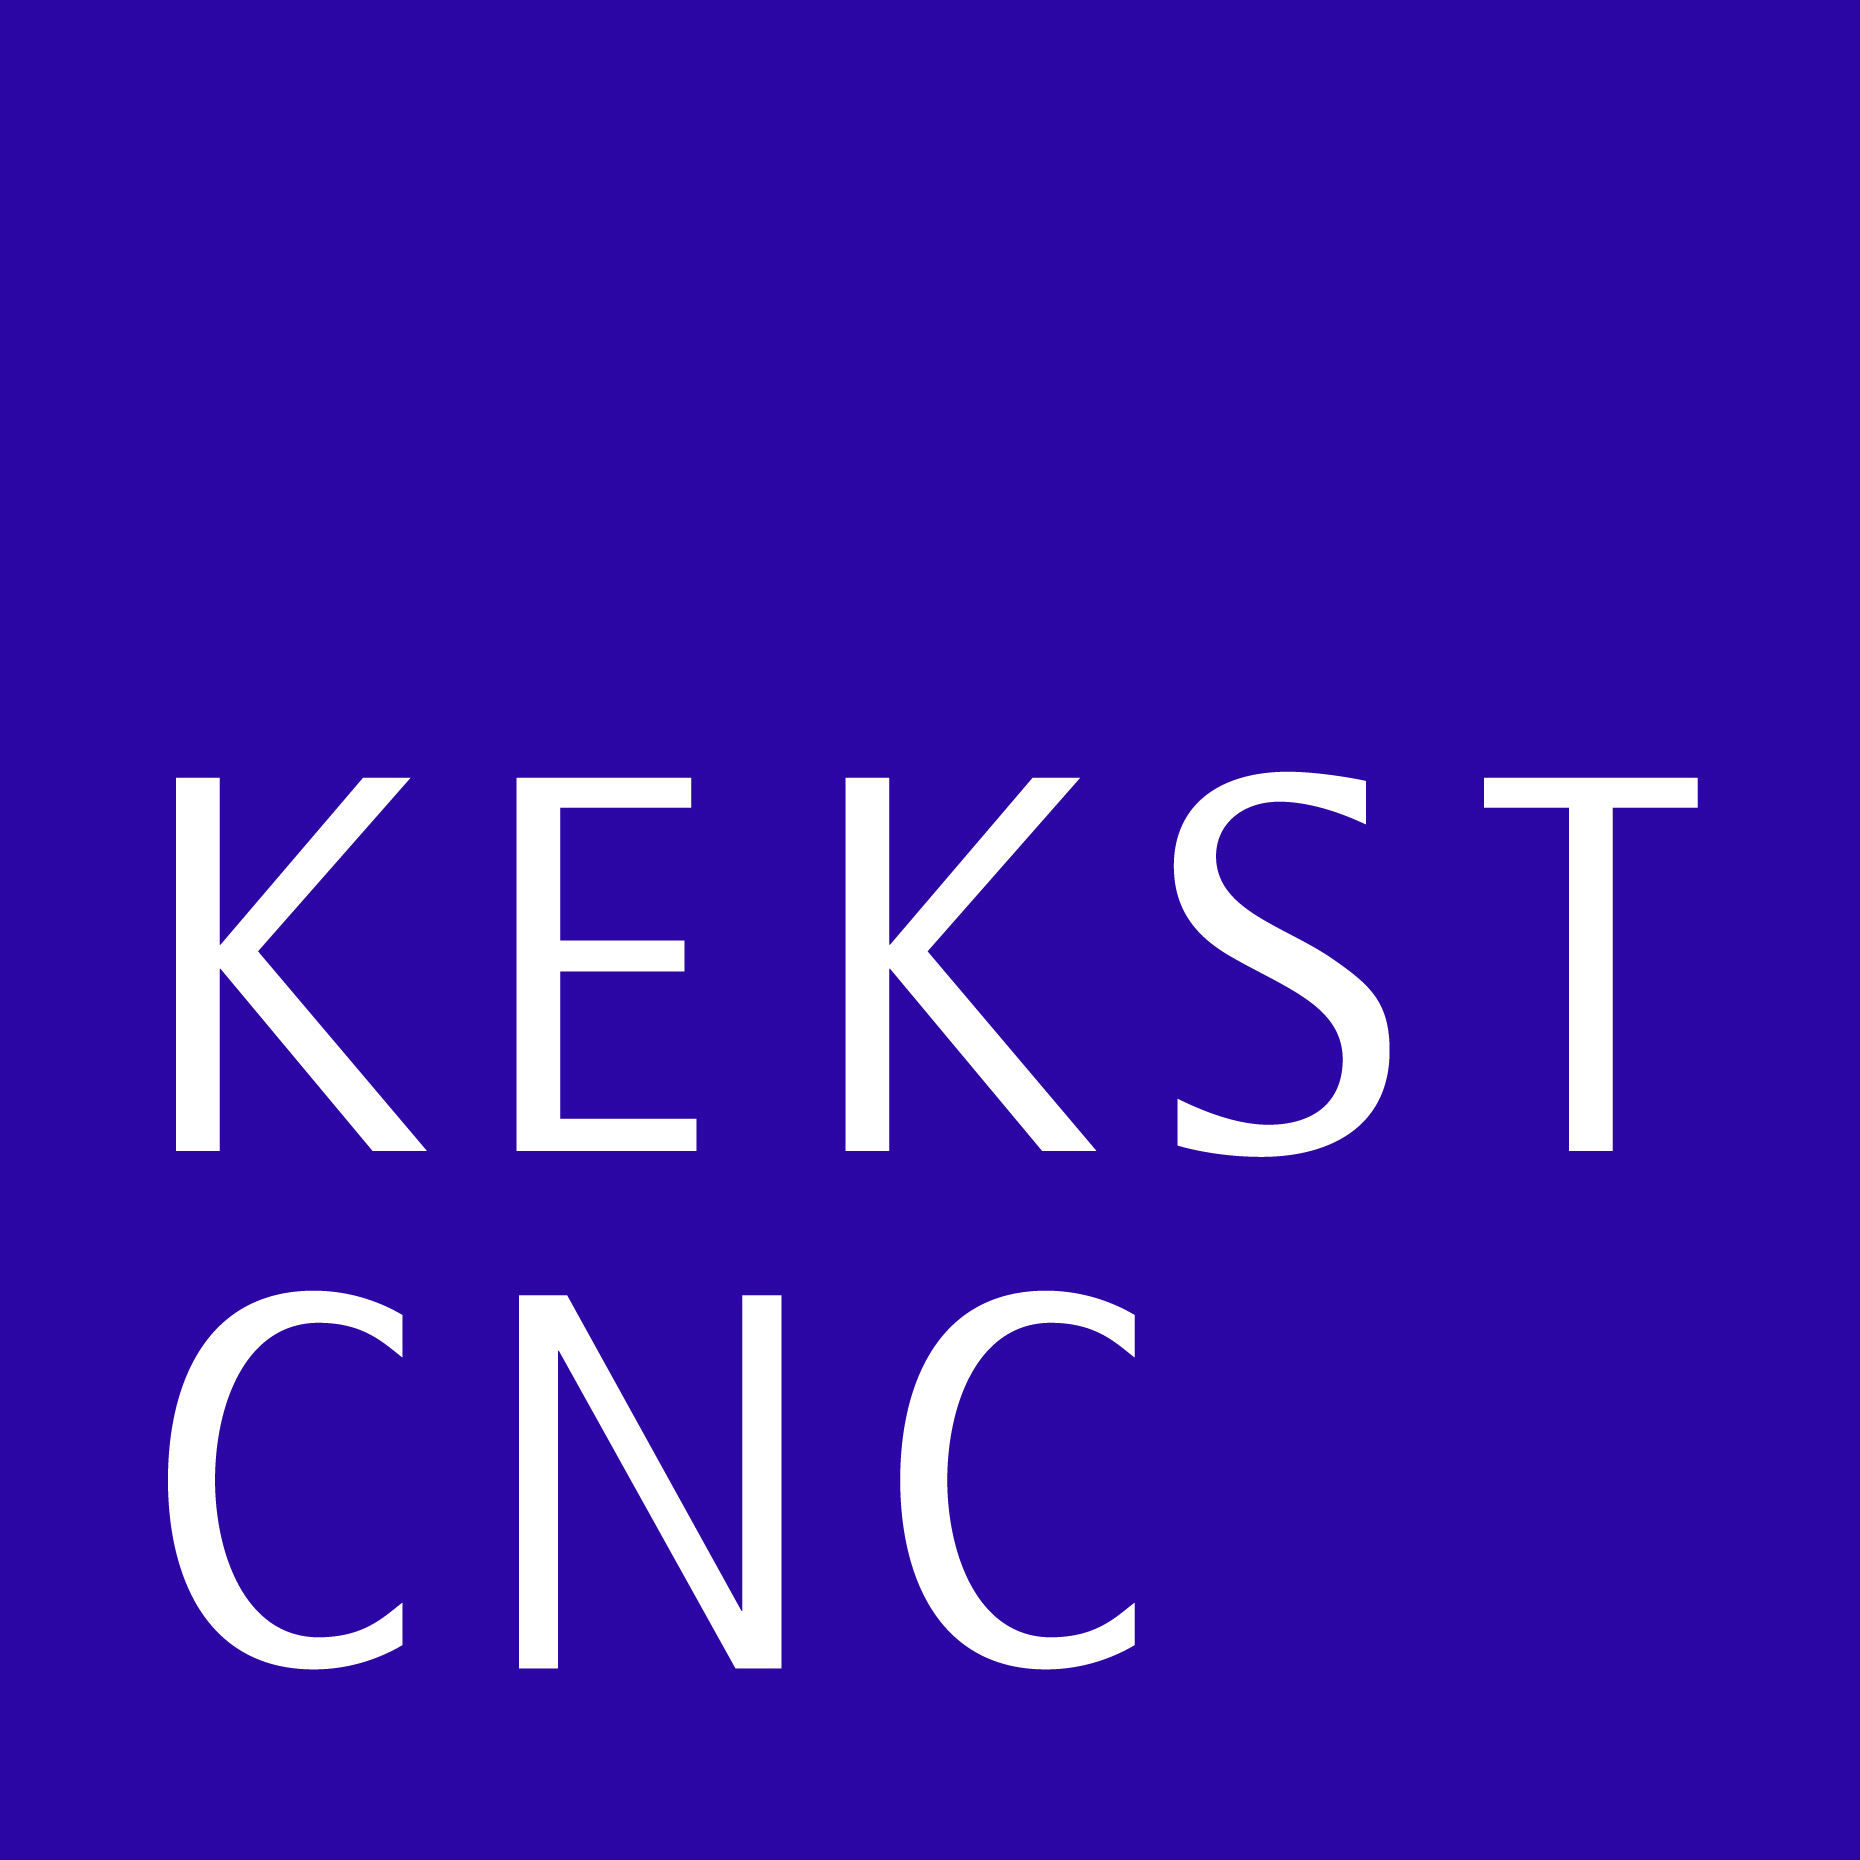 Kekst CNC logo.jpg